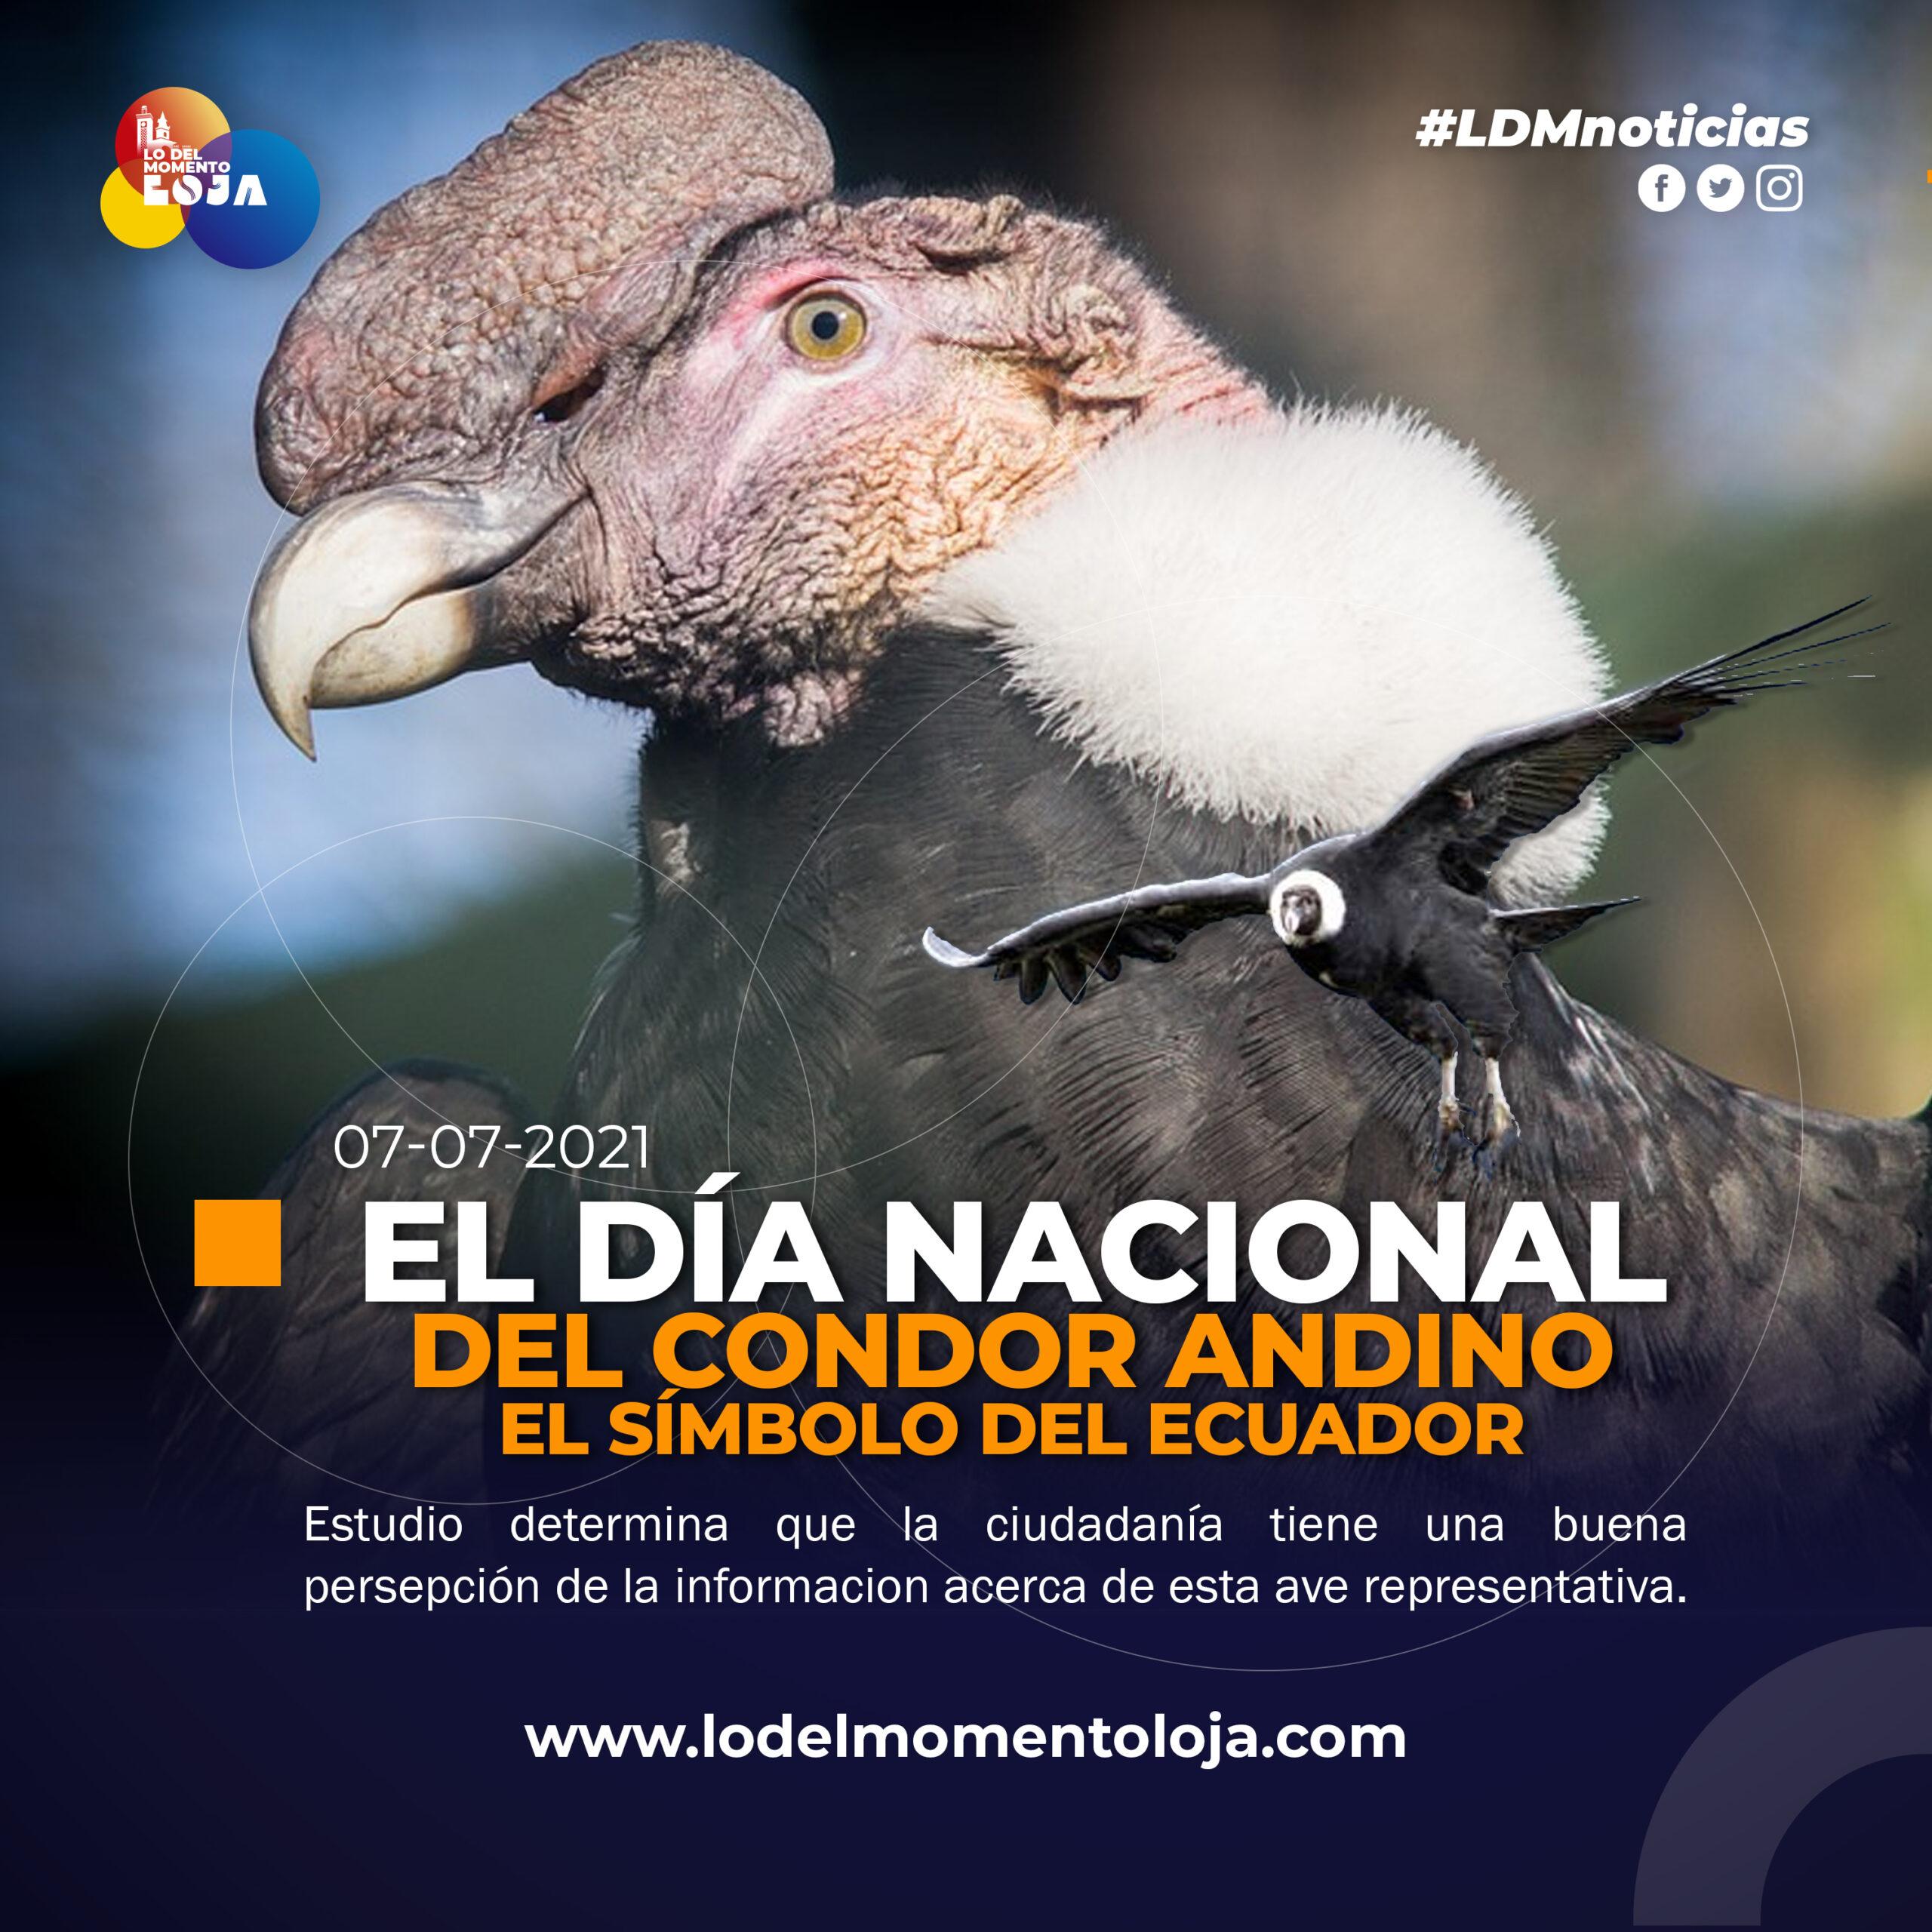 Percepciones de la población urbana sobre el cóndor andino en el Ecuador